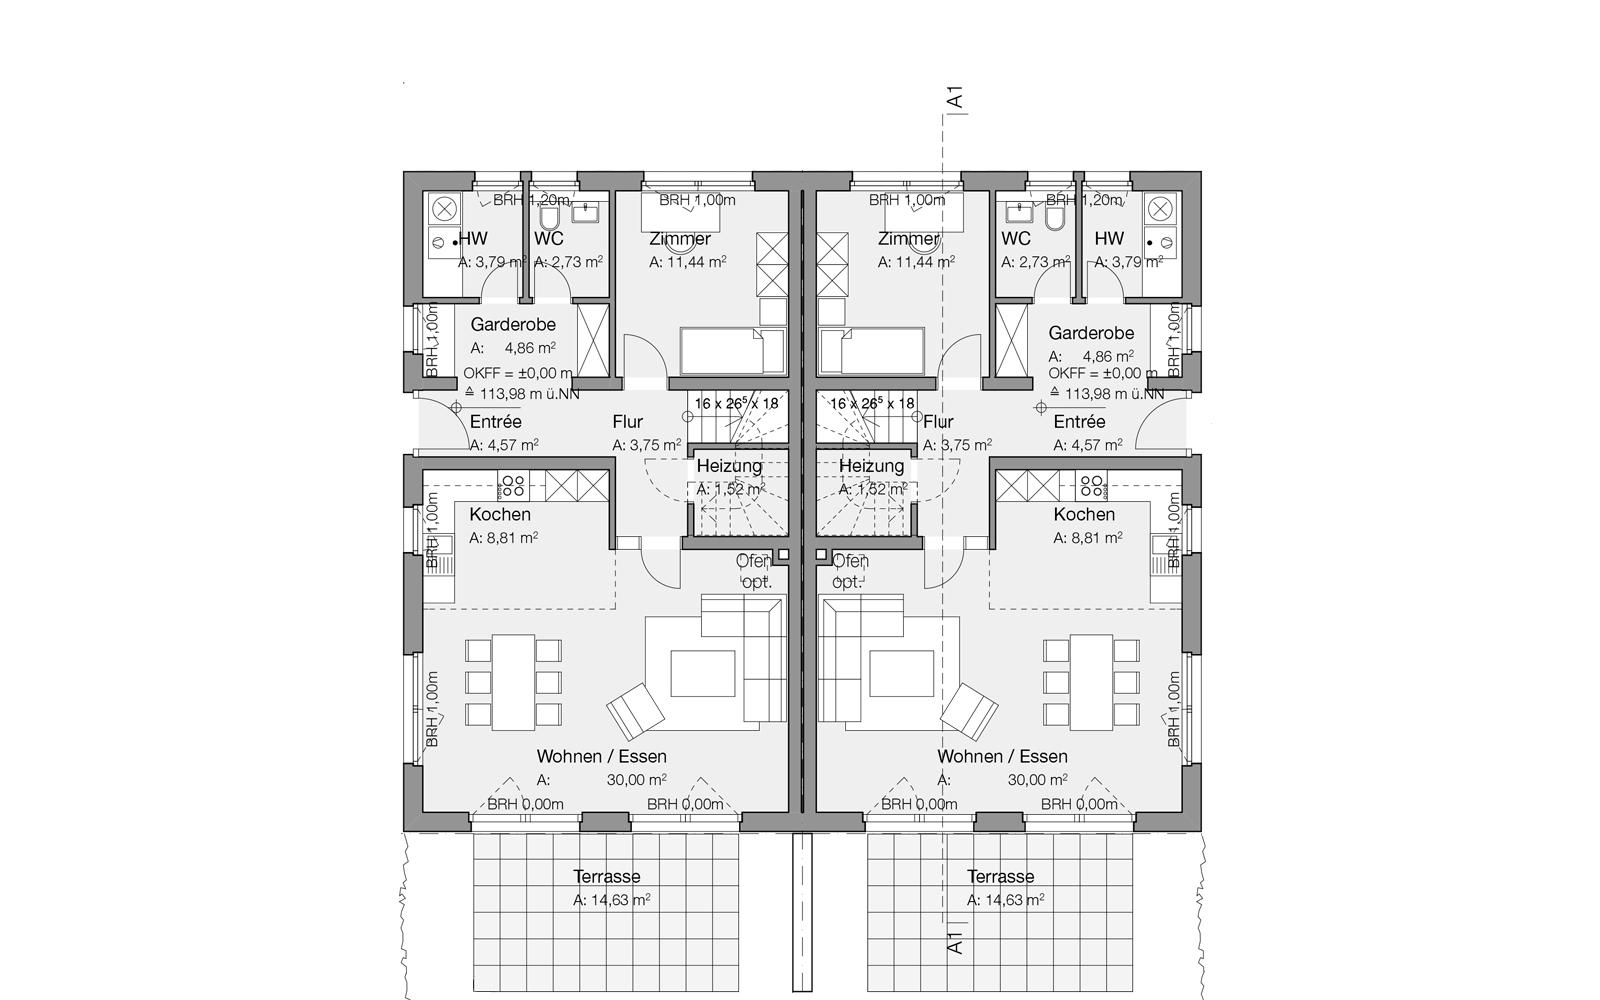 GGS_SteinwegClausArchitekten_Doppelhaus_Beckum_WDVS_00001_Erdgeschoss